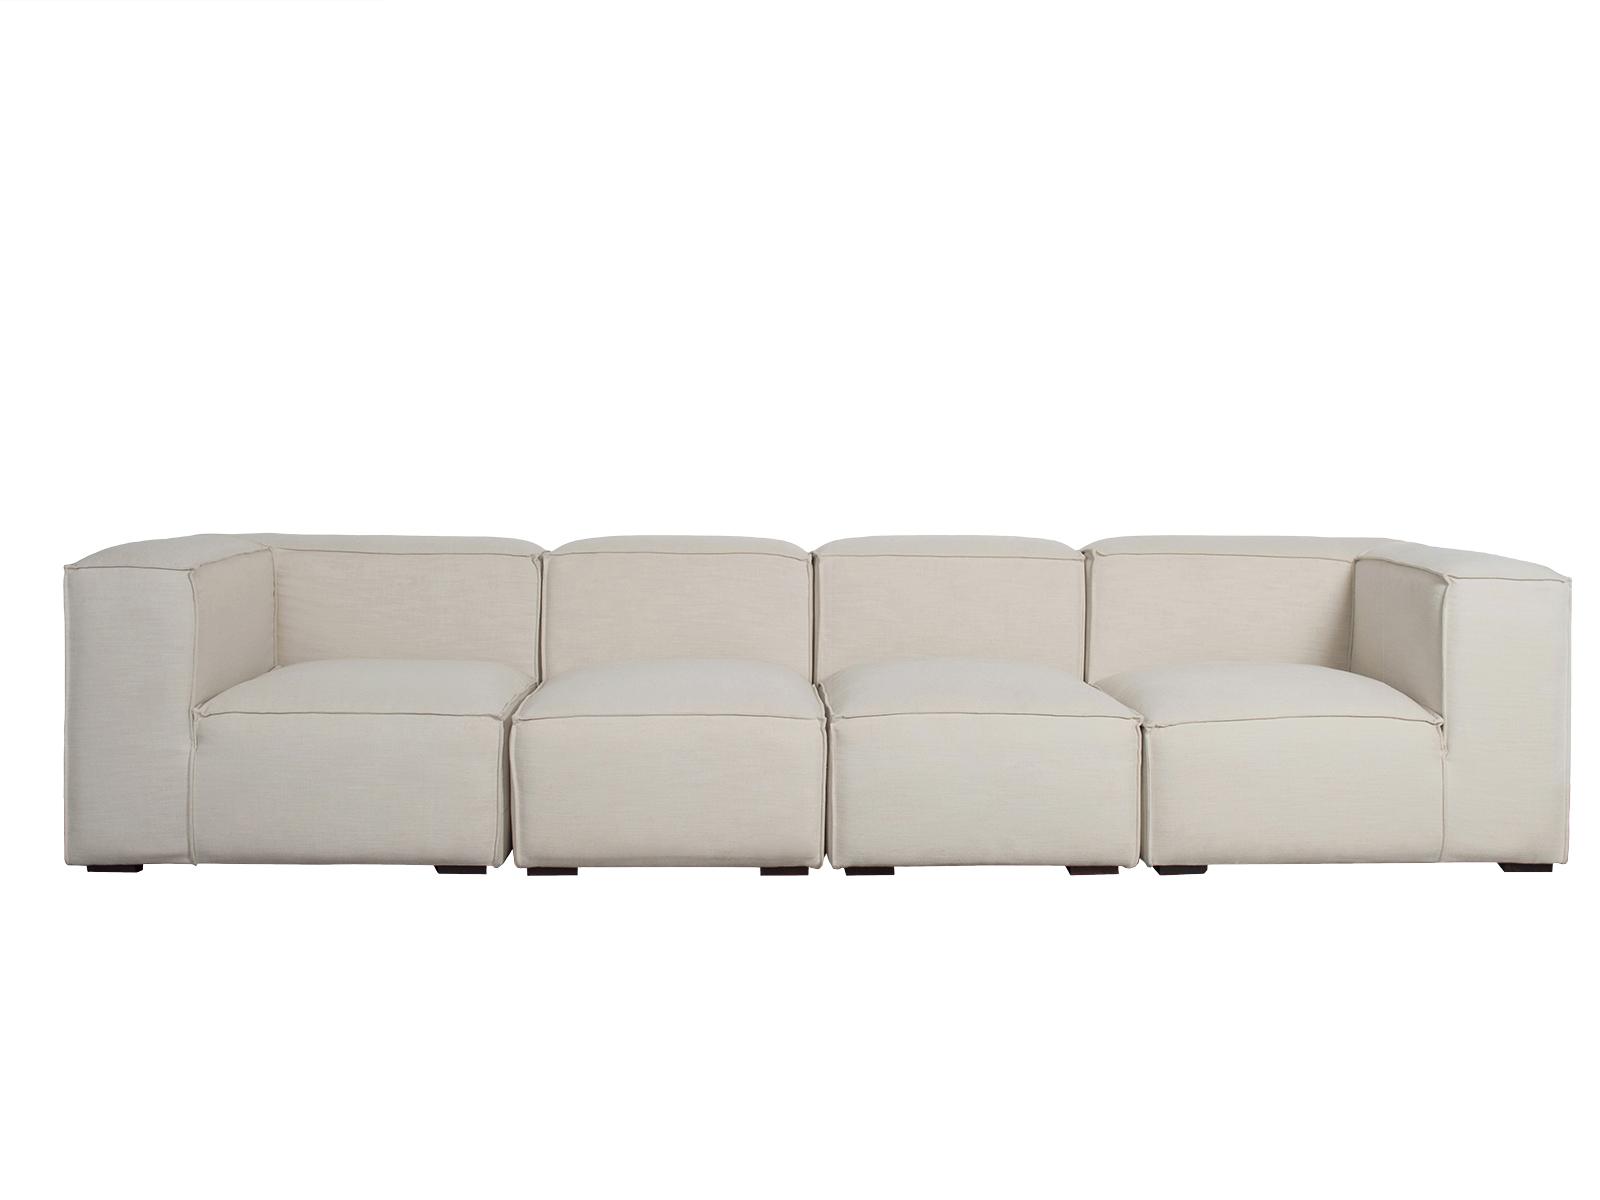 Canapea fixa 5 locuri Renate